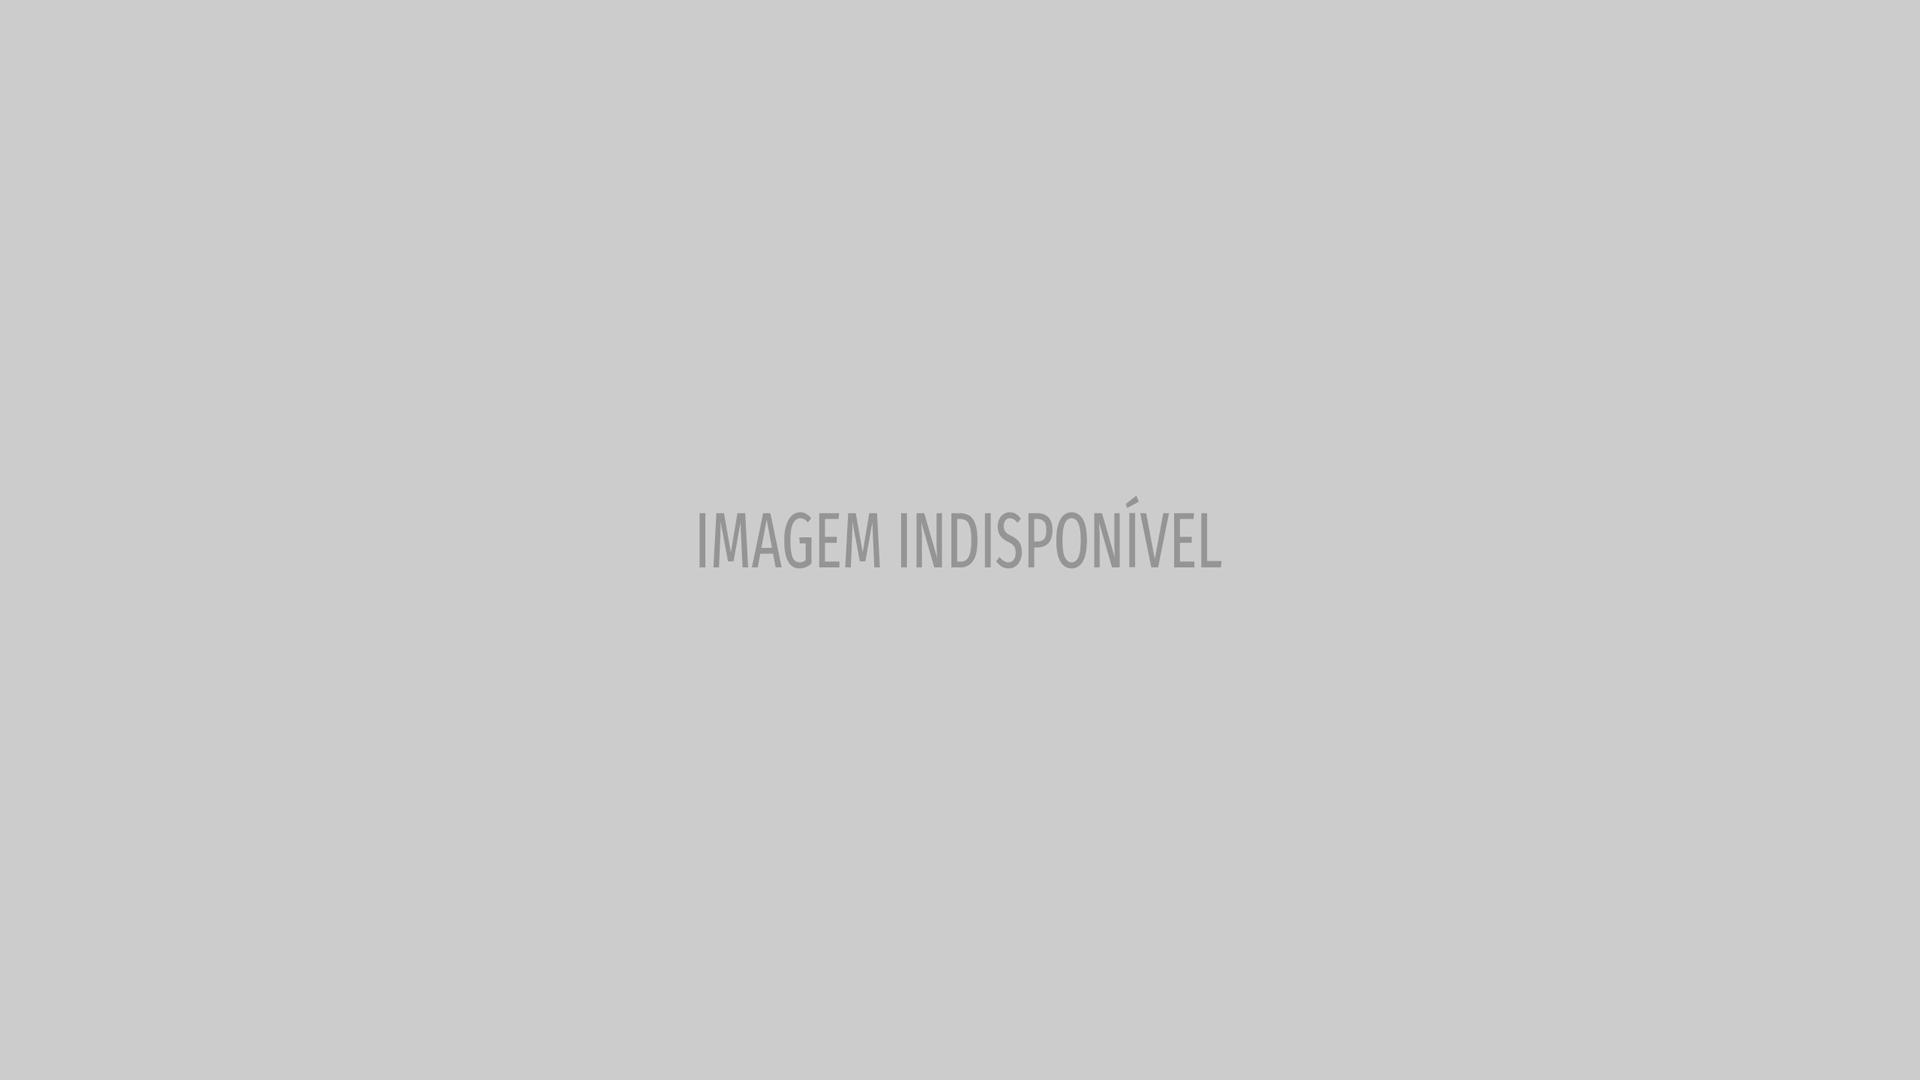 """Júlia Pinheiro brinca: """"Mãe em esforço e horrorizada. Filha Matilde goza"""""""